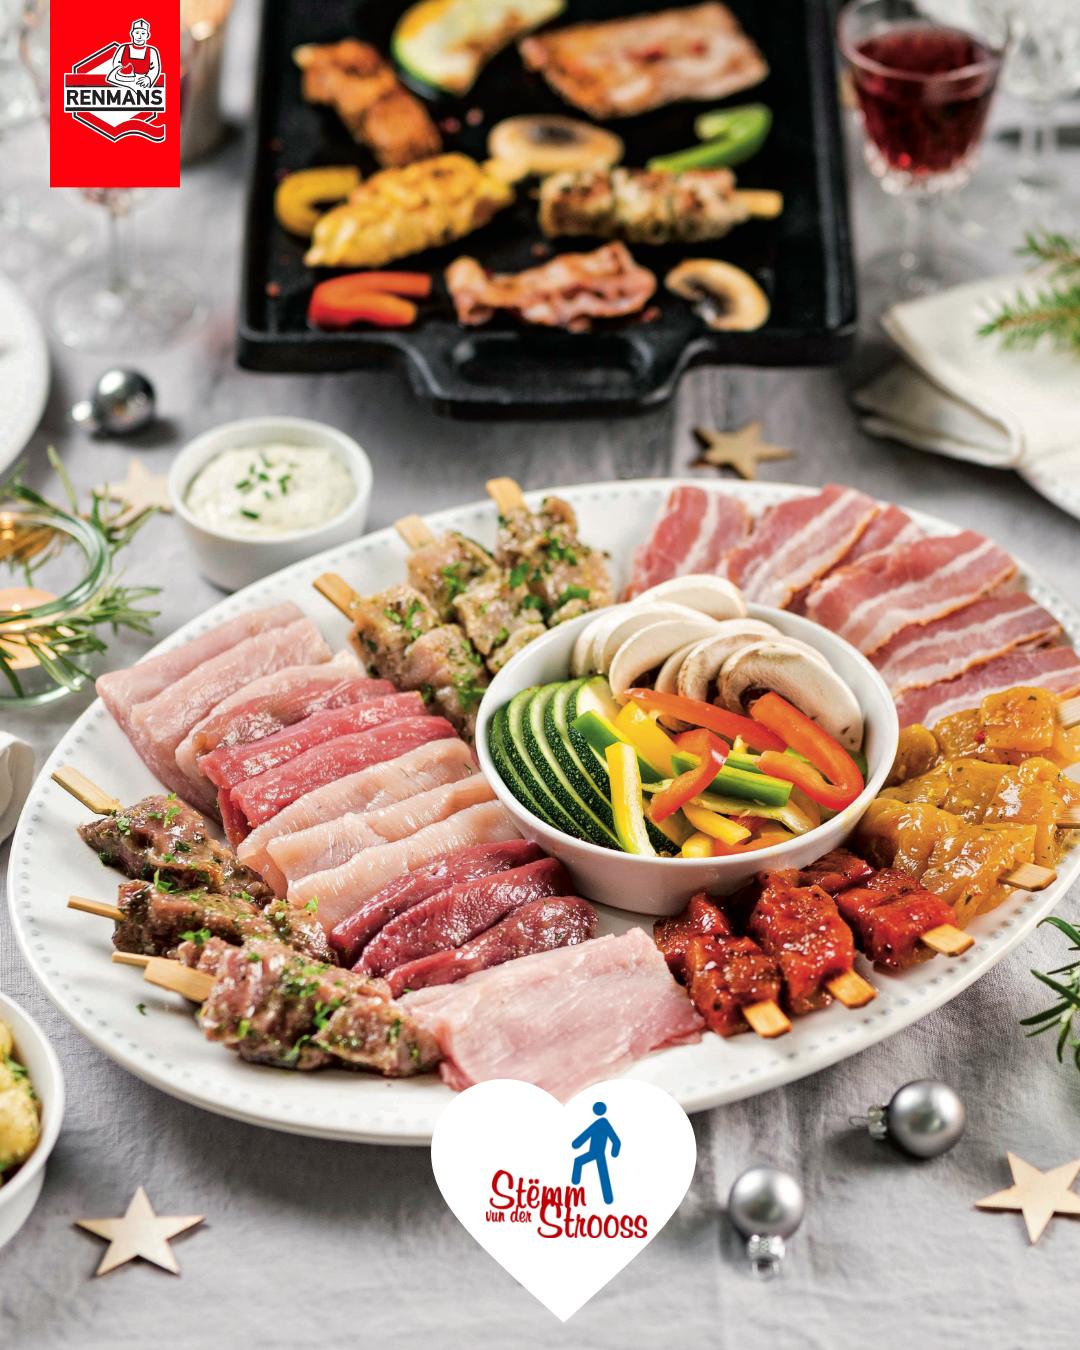 More than 4 700 meals offered by Renmans to the Stëmm vun der Strooss